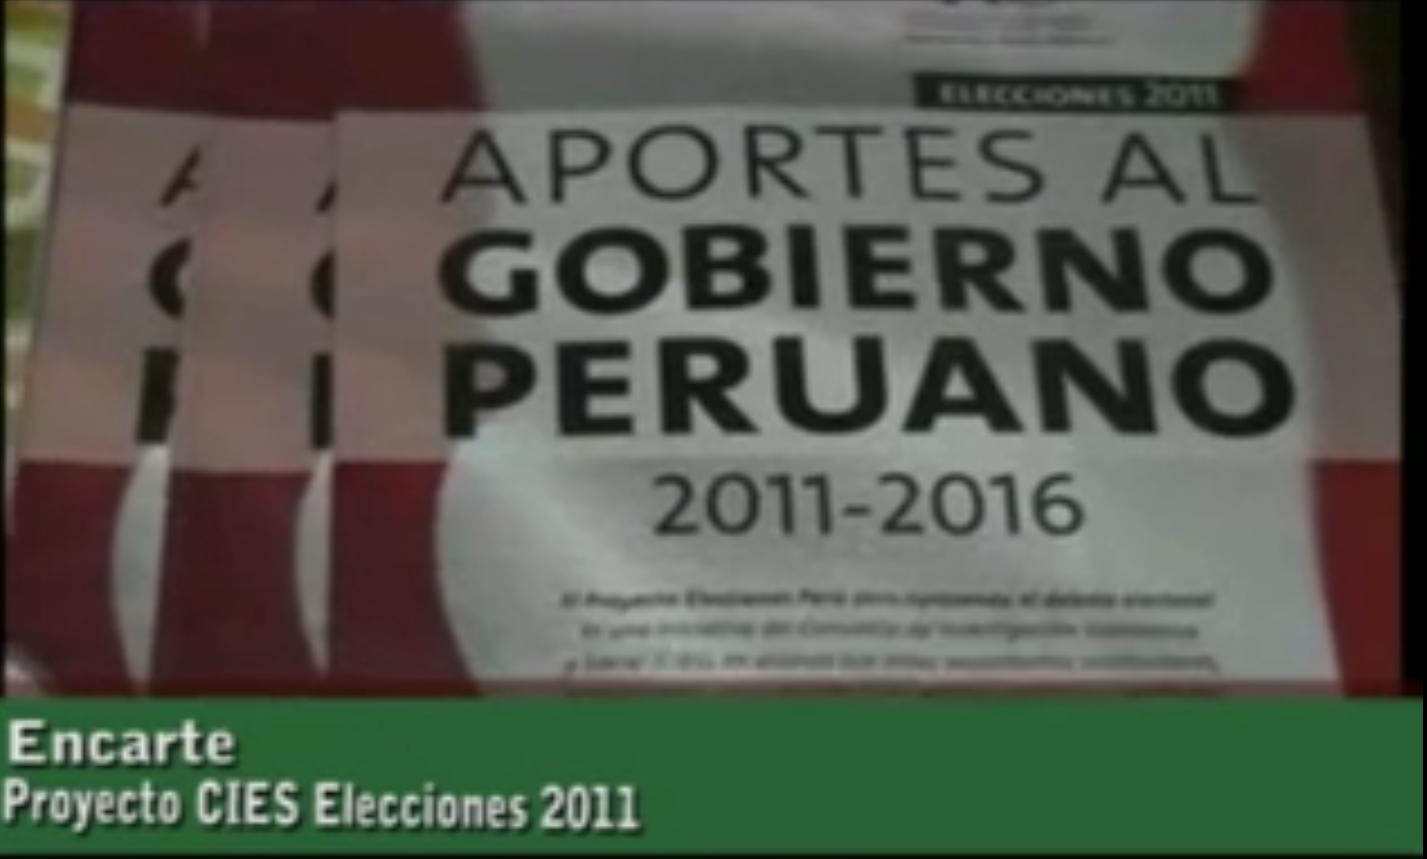 Proyecto CIES Elecciones presidenciales 2011 - 2016: centrando el debate electoral